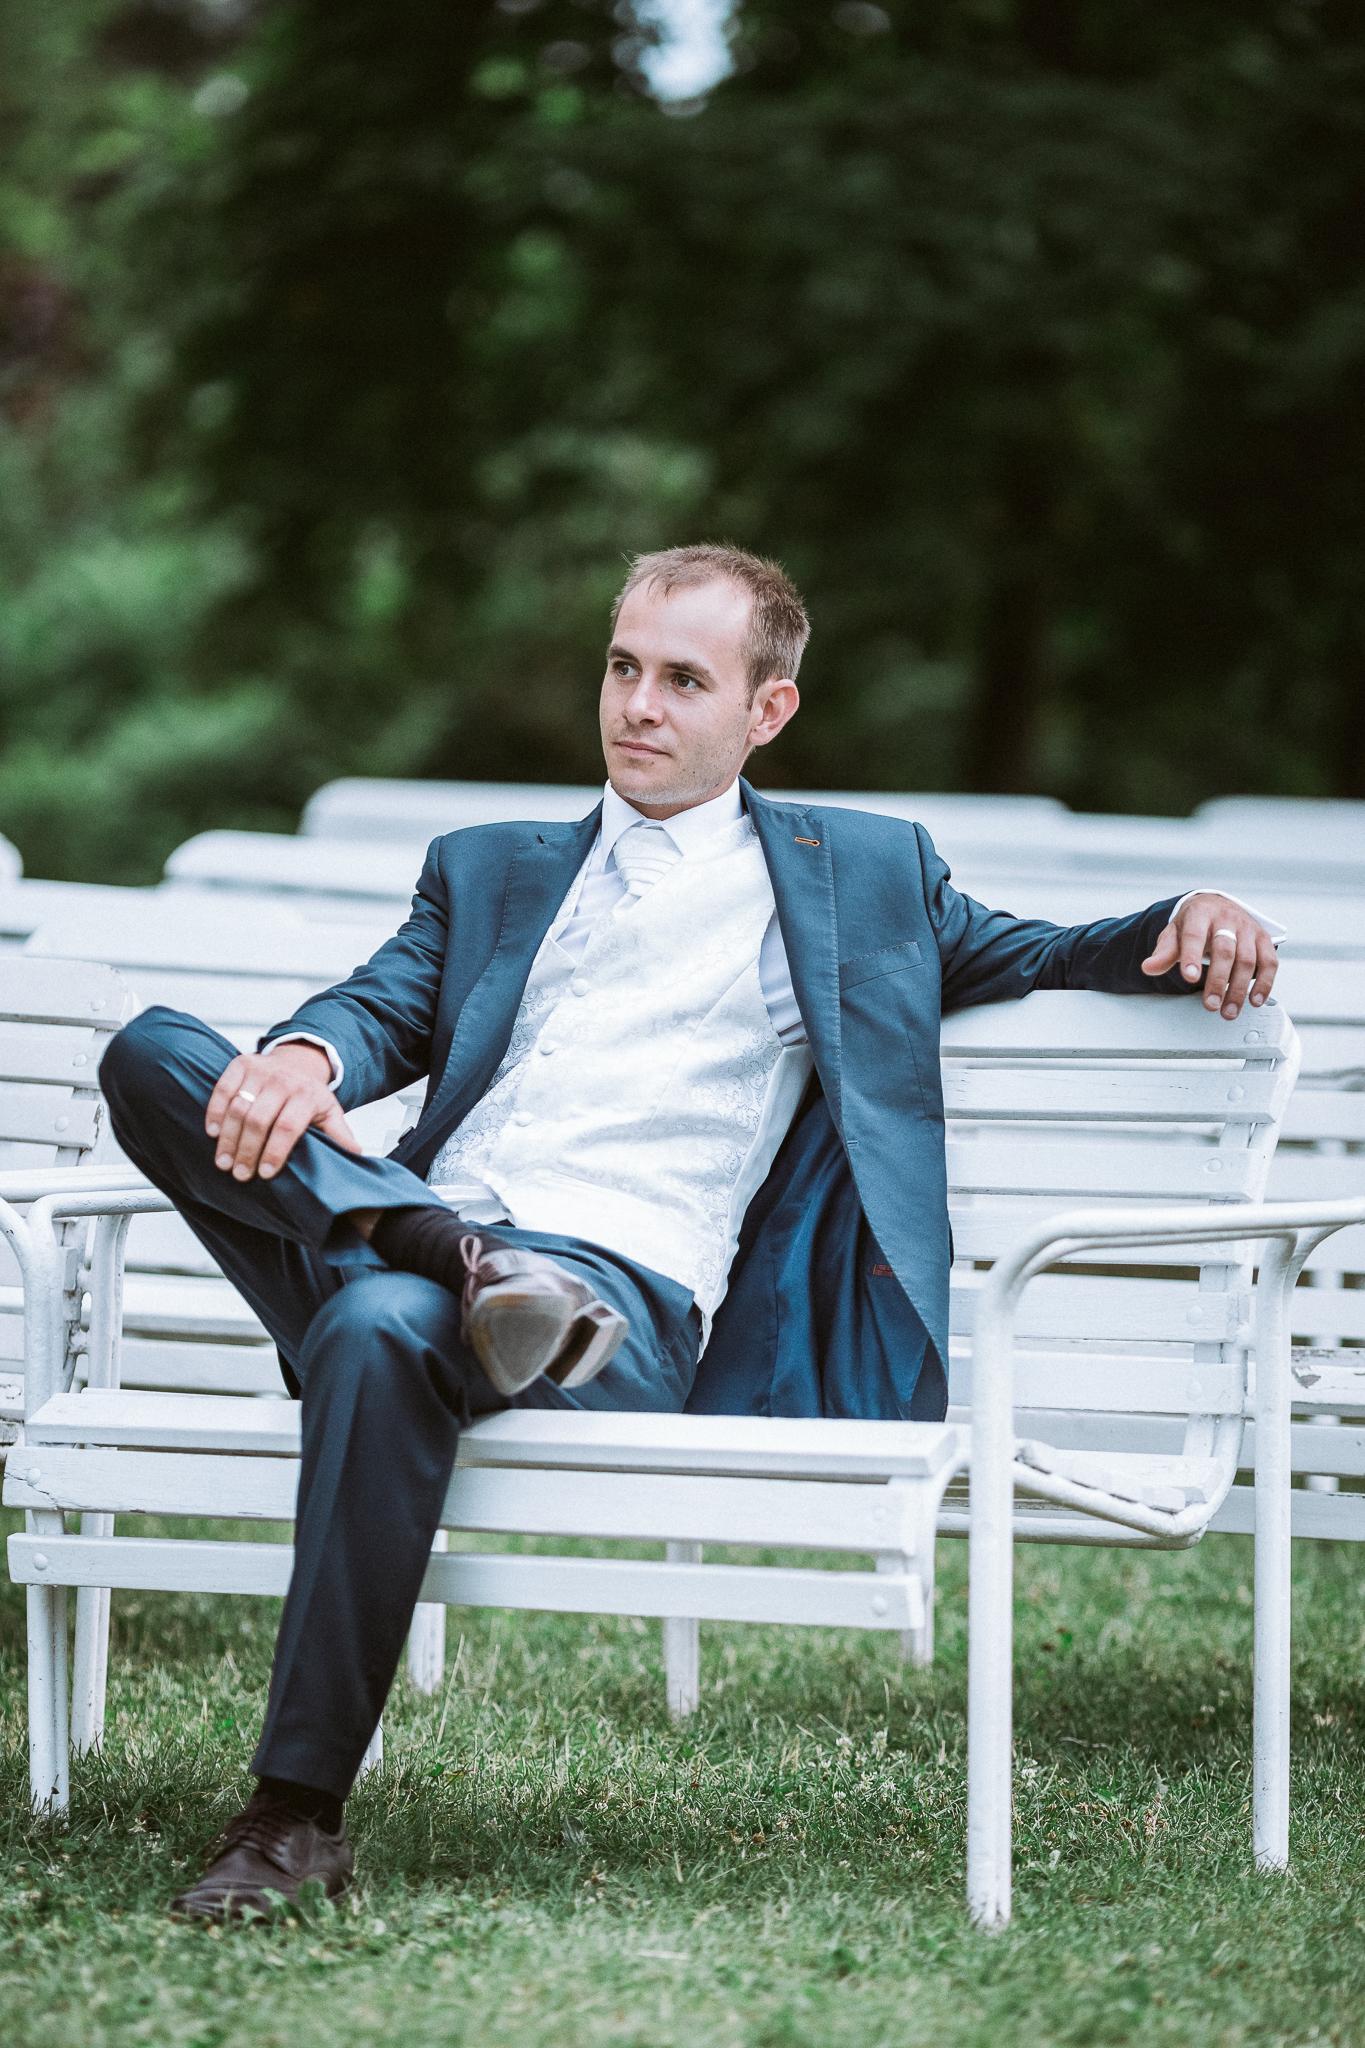 FylepPhoto, esküvőfotós, esküvői fotós Körmend, Szombathely, esküvőfotózás, magyarország, vas megye, prémium, jegyesfotózás, Fülöp Péter, körmend, kreatív, fotográfus_50-2.jpg